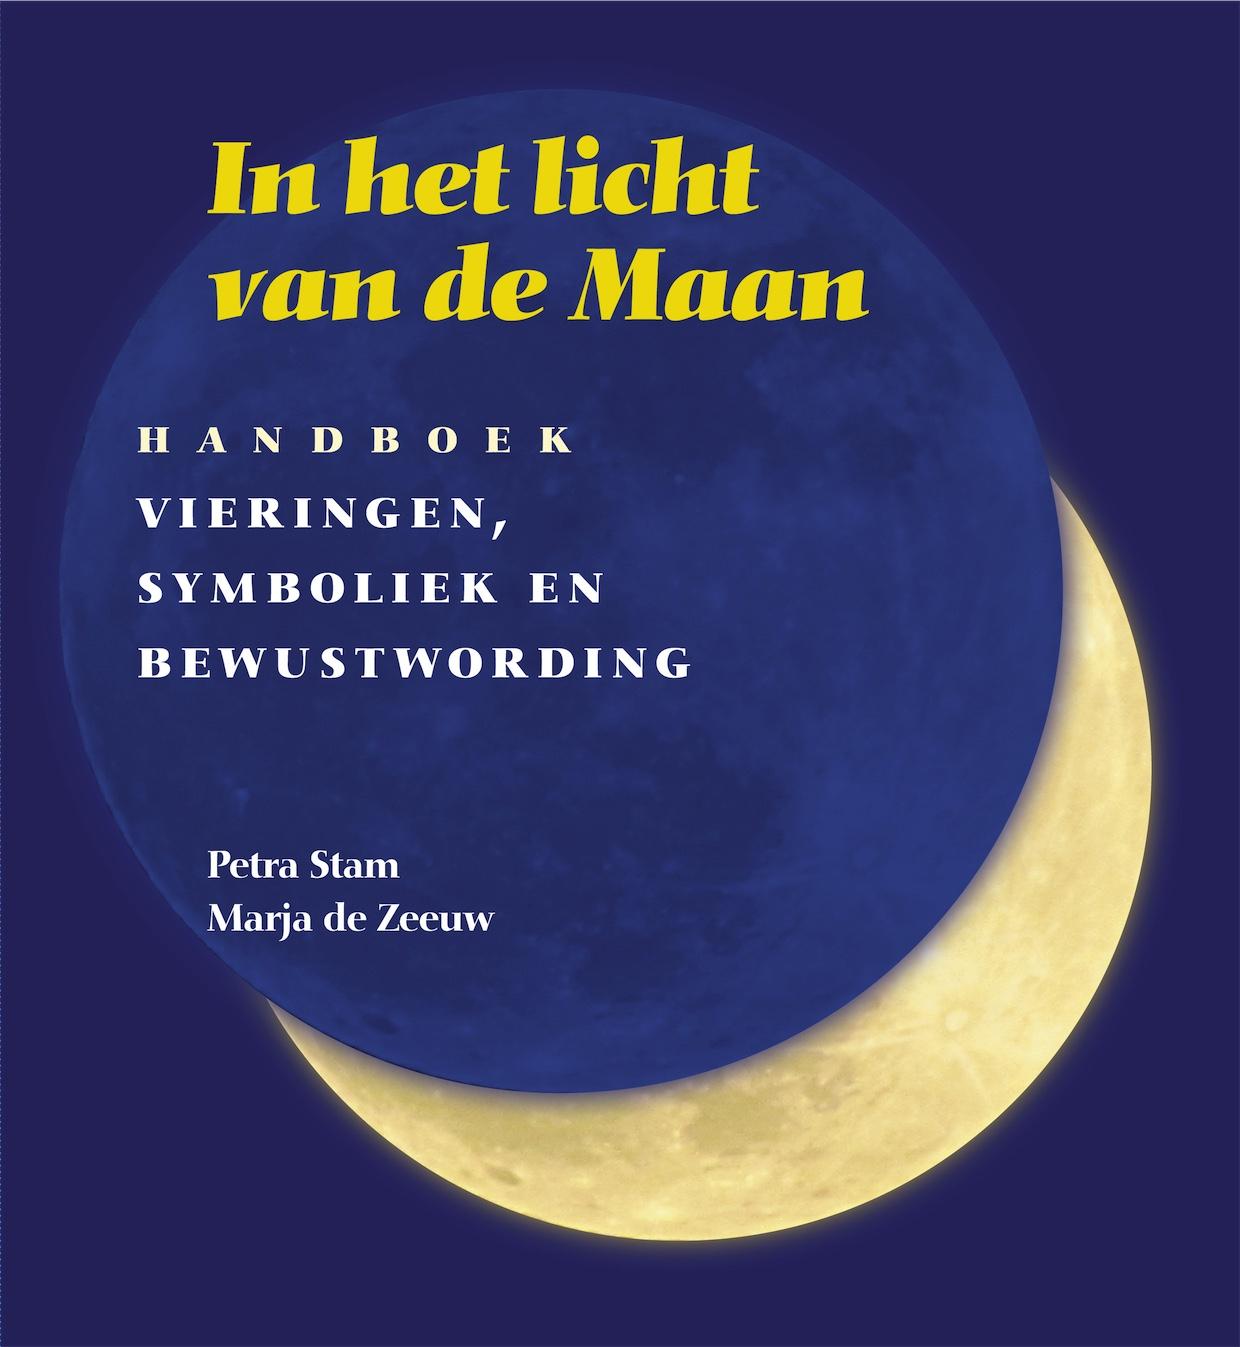 in het licht van de maan Petra Stam en Marja de Zeeuw